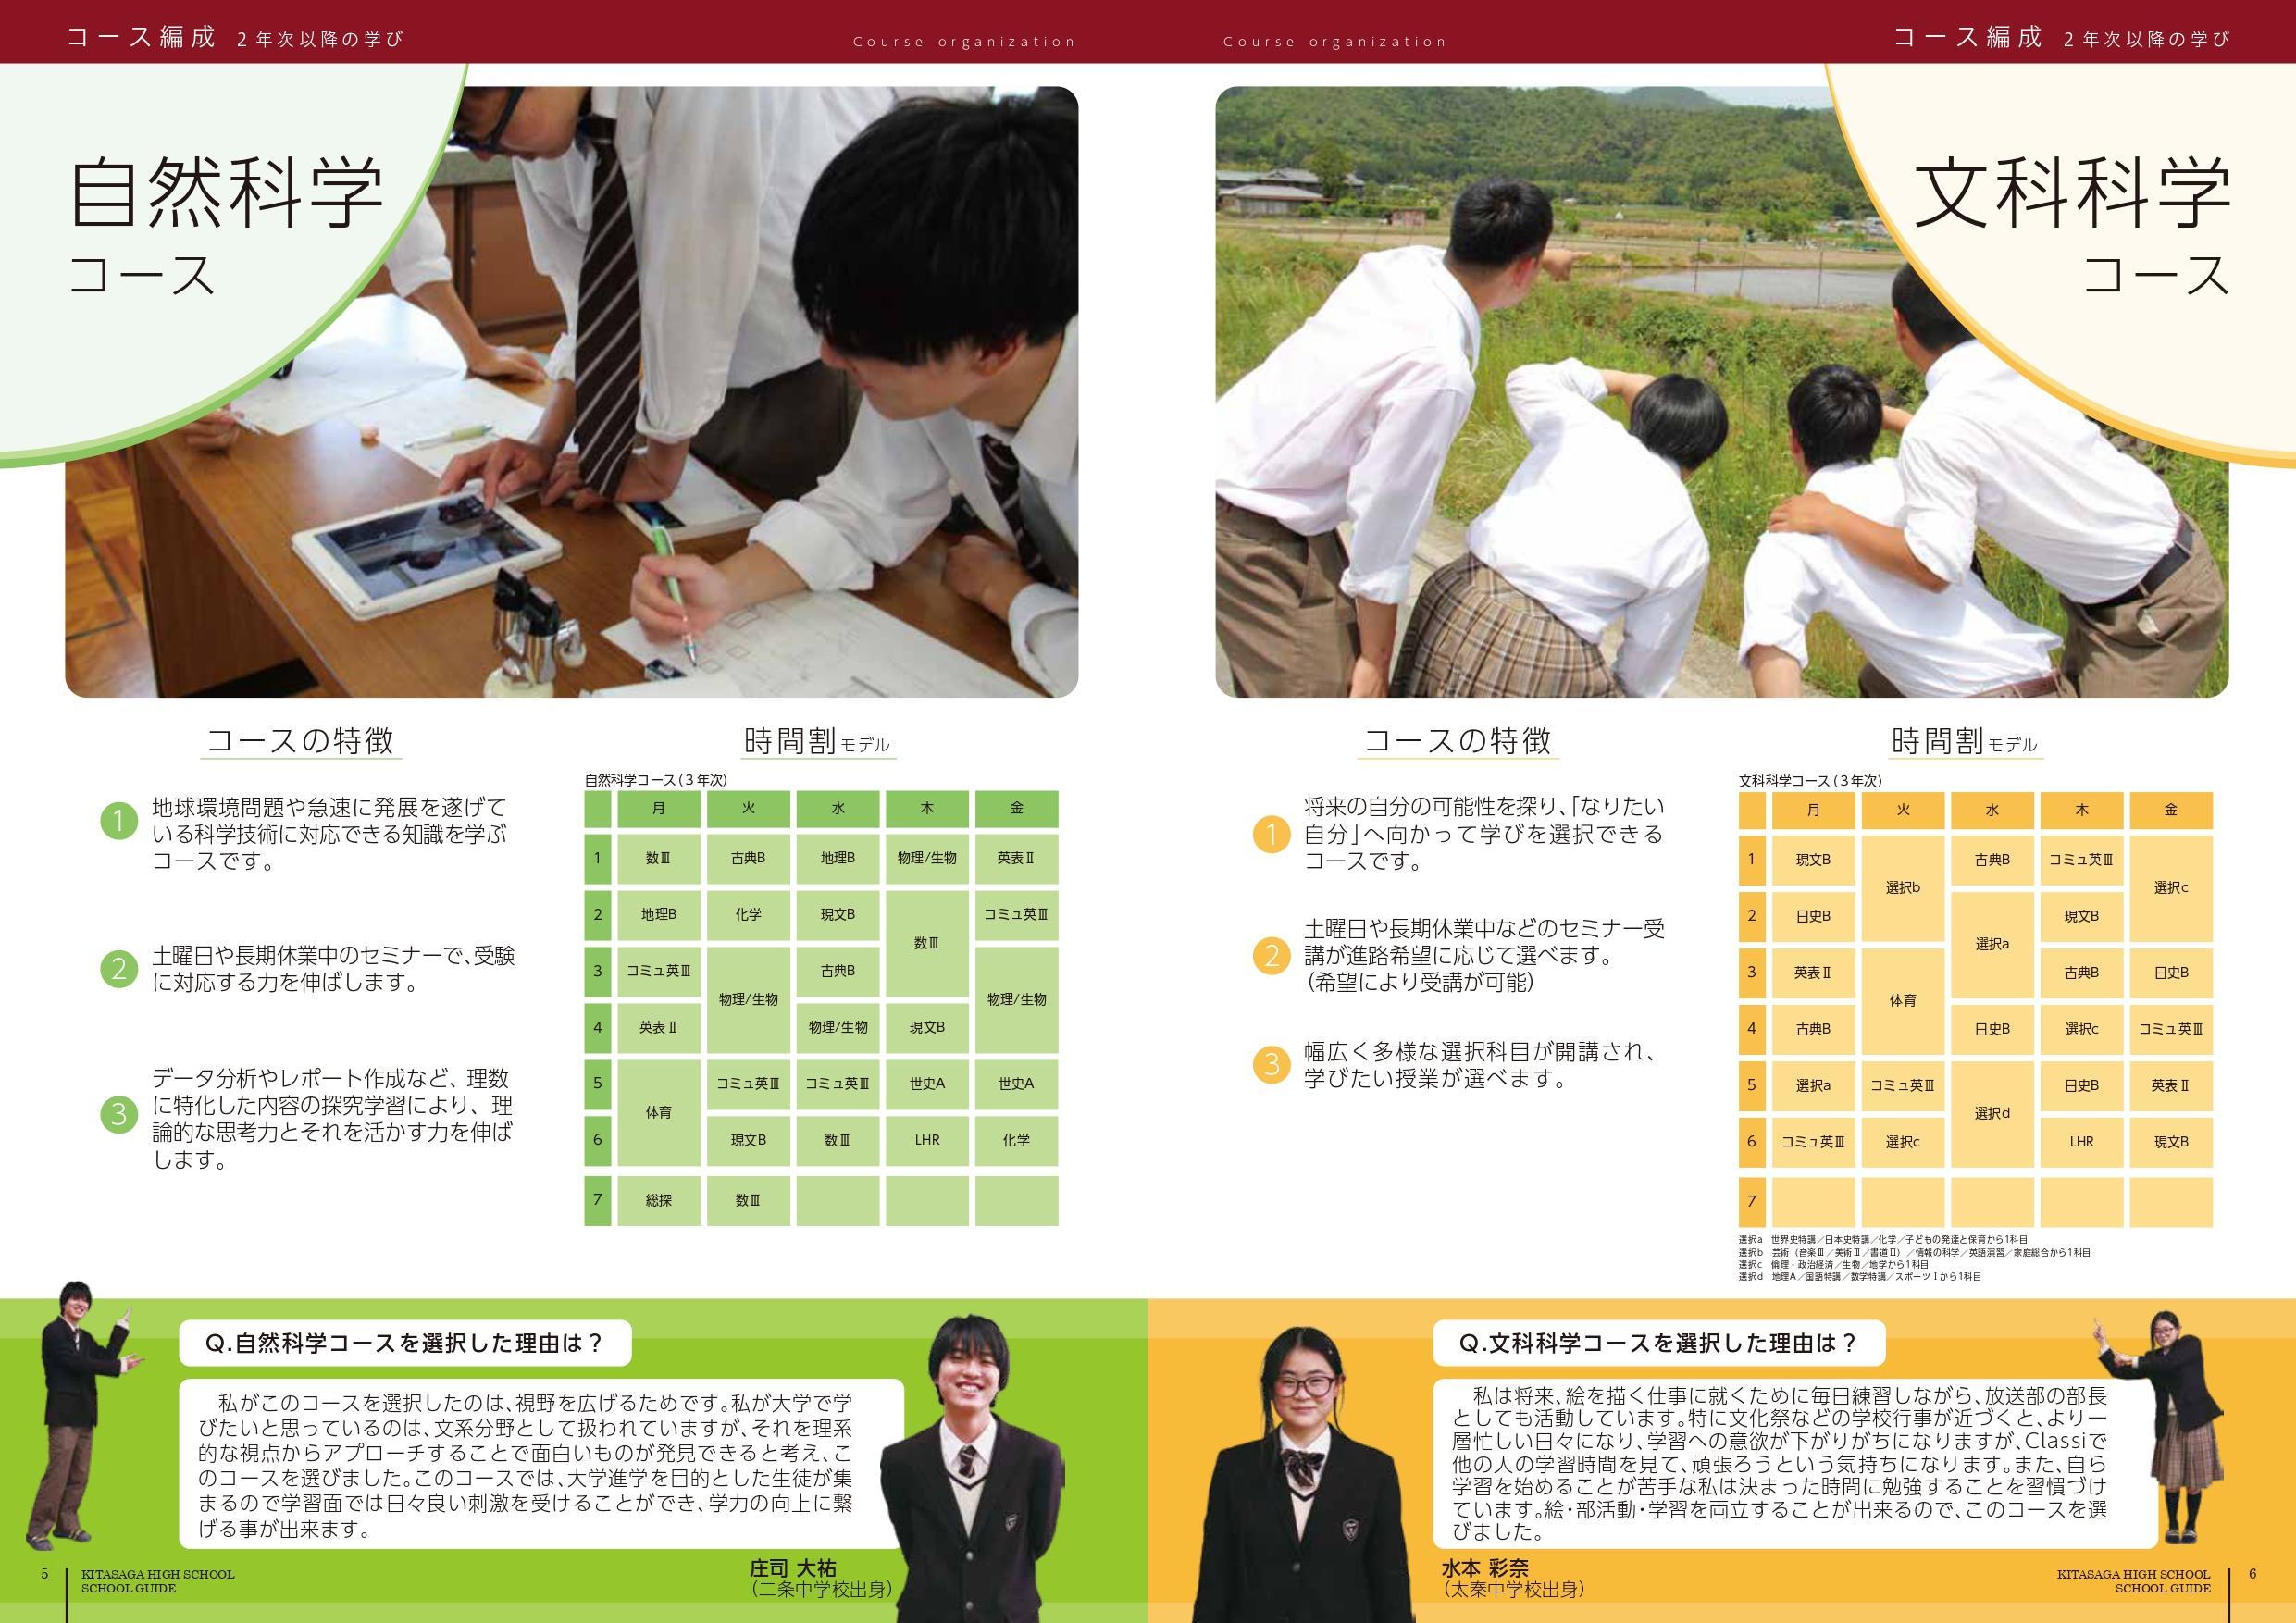 北嵯峨高校-スクールガイド2022-v6-2_page-0004.jpg